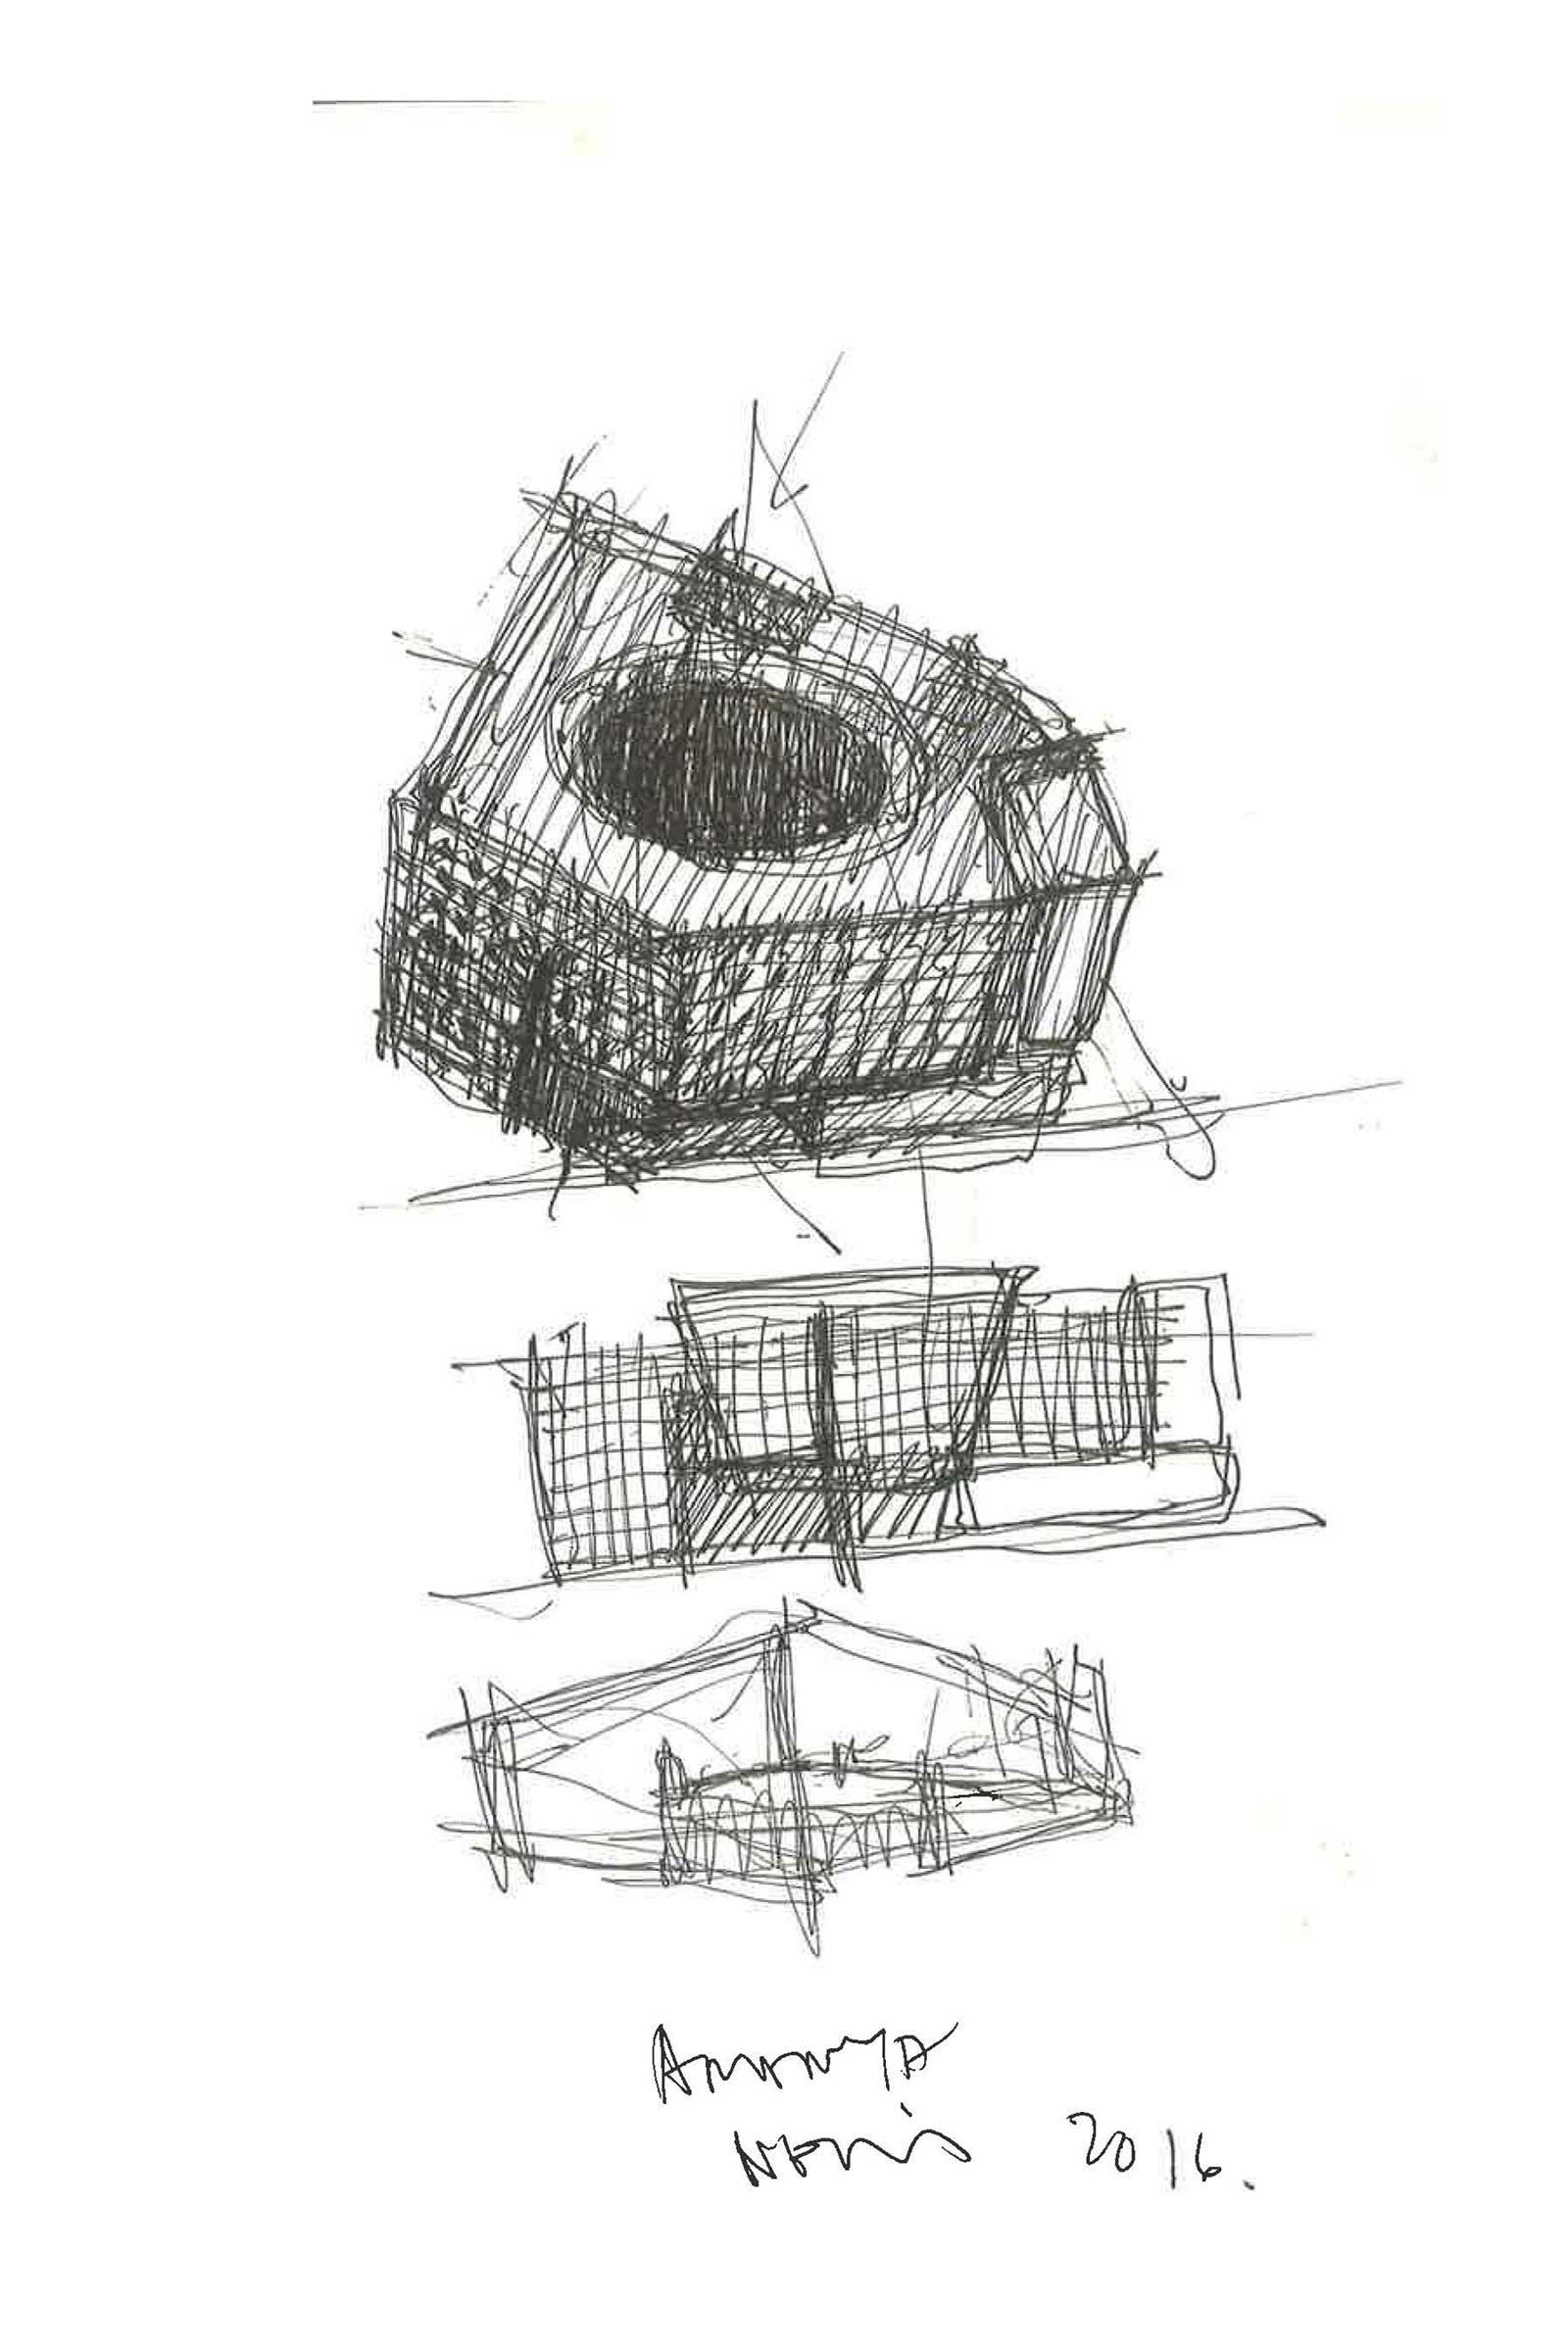 Neri's design sketches